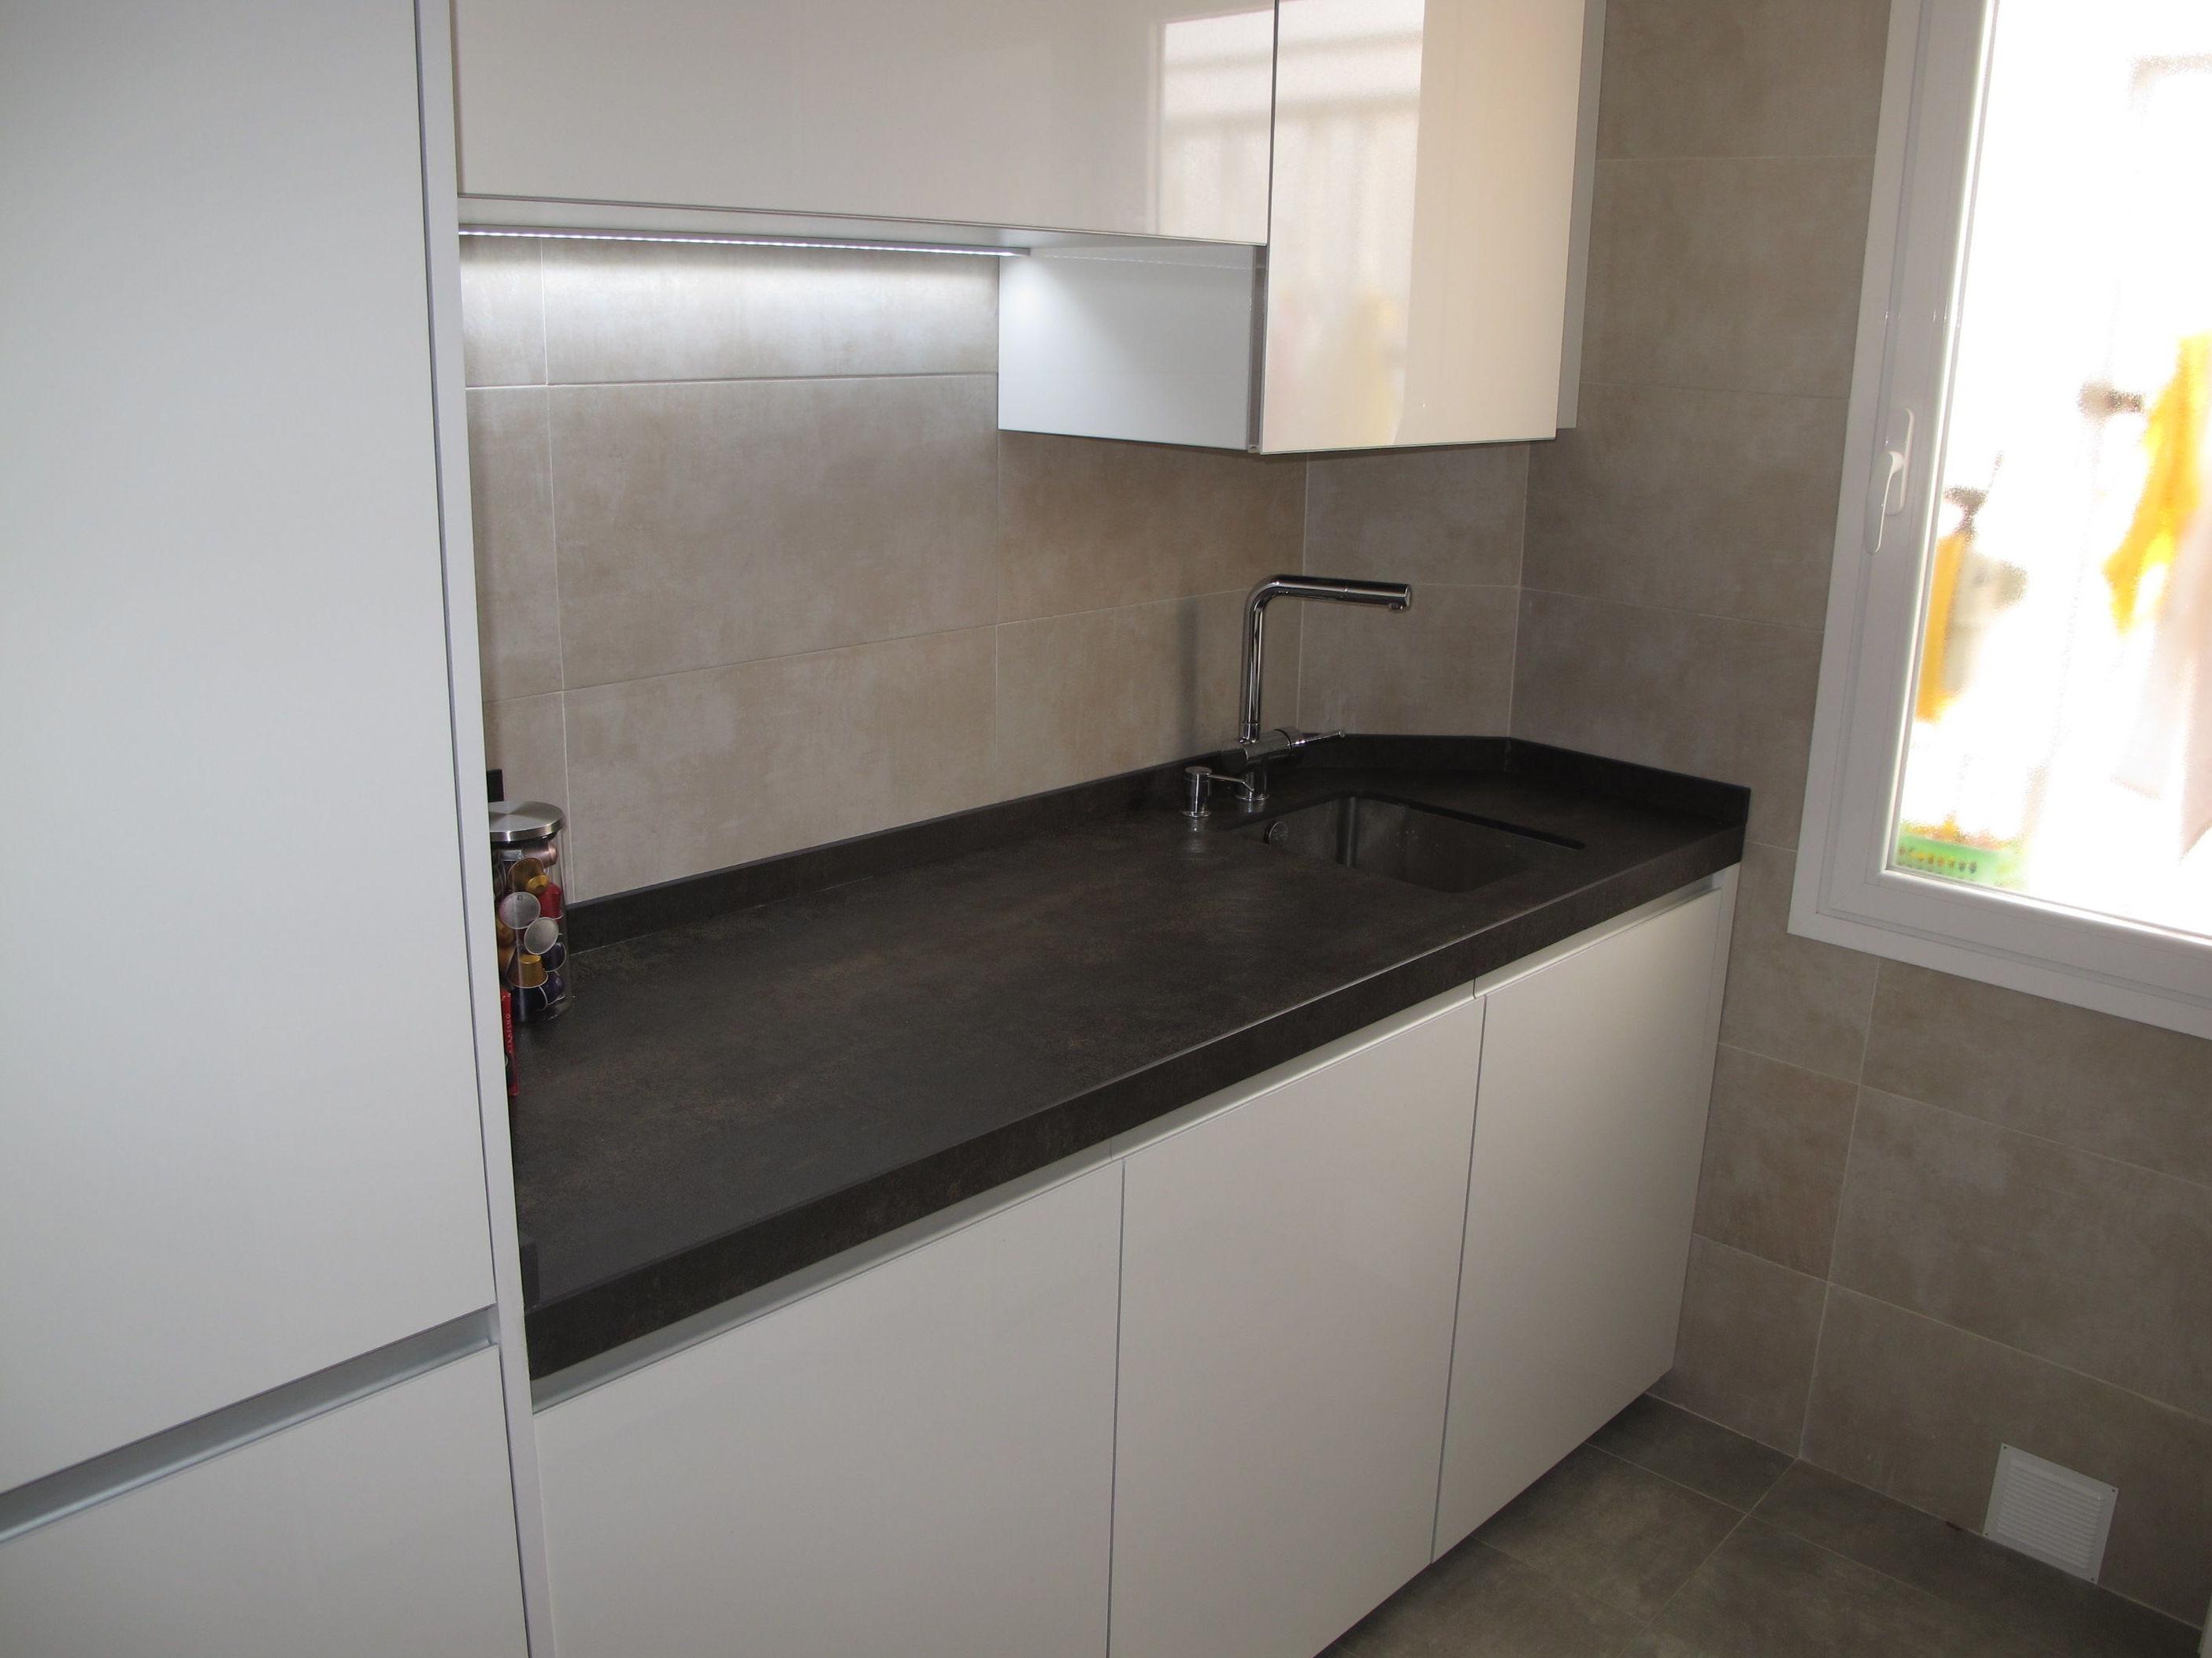 Diseños Cocinas MC Proyecto Realizado en Carabanchel MADRID ...